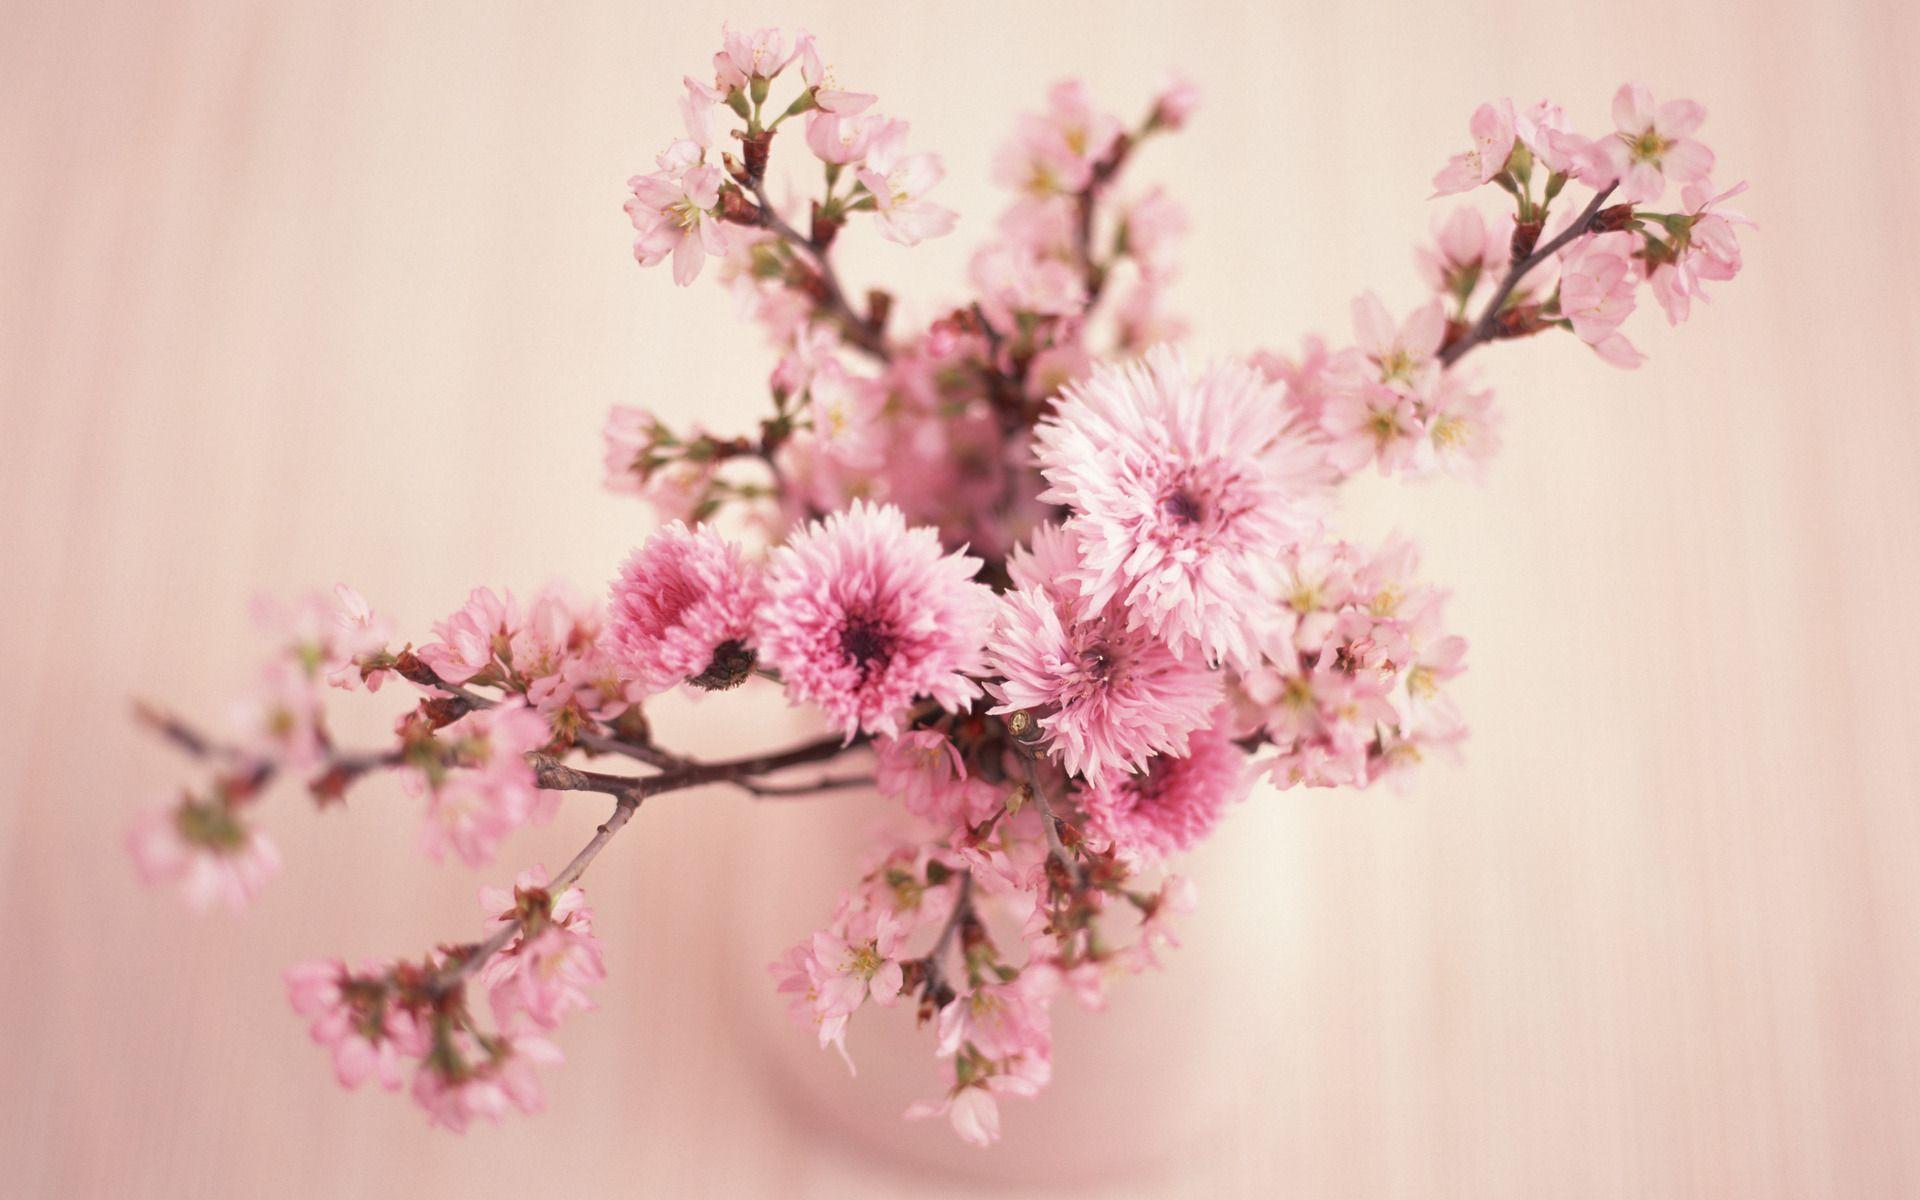 Beautiful Vintage Flower Wallpapers Top Free Beautiful Vintage Flower Backgrounds Wallpaperaccess